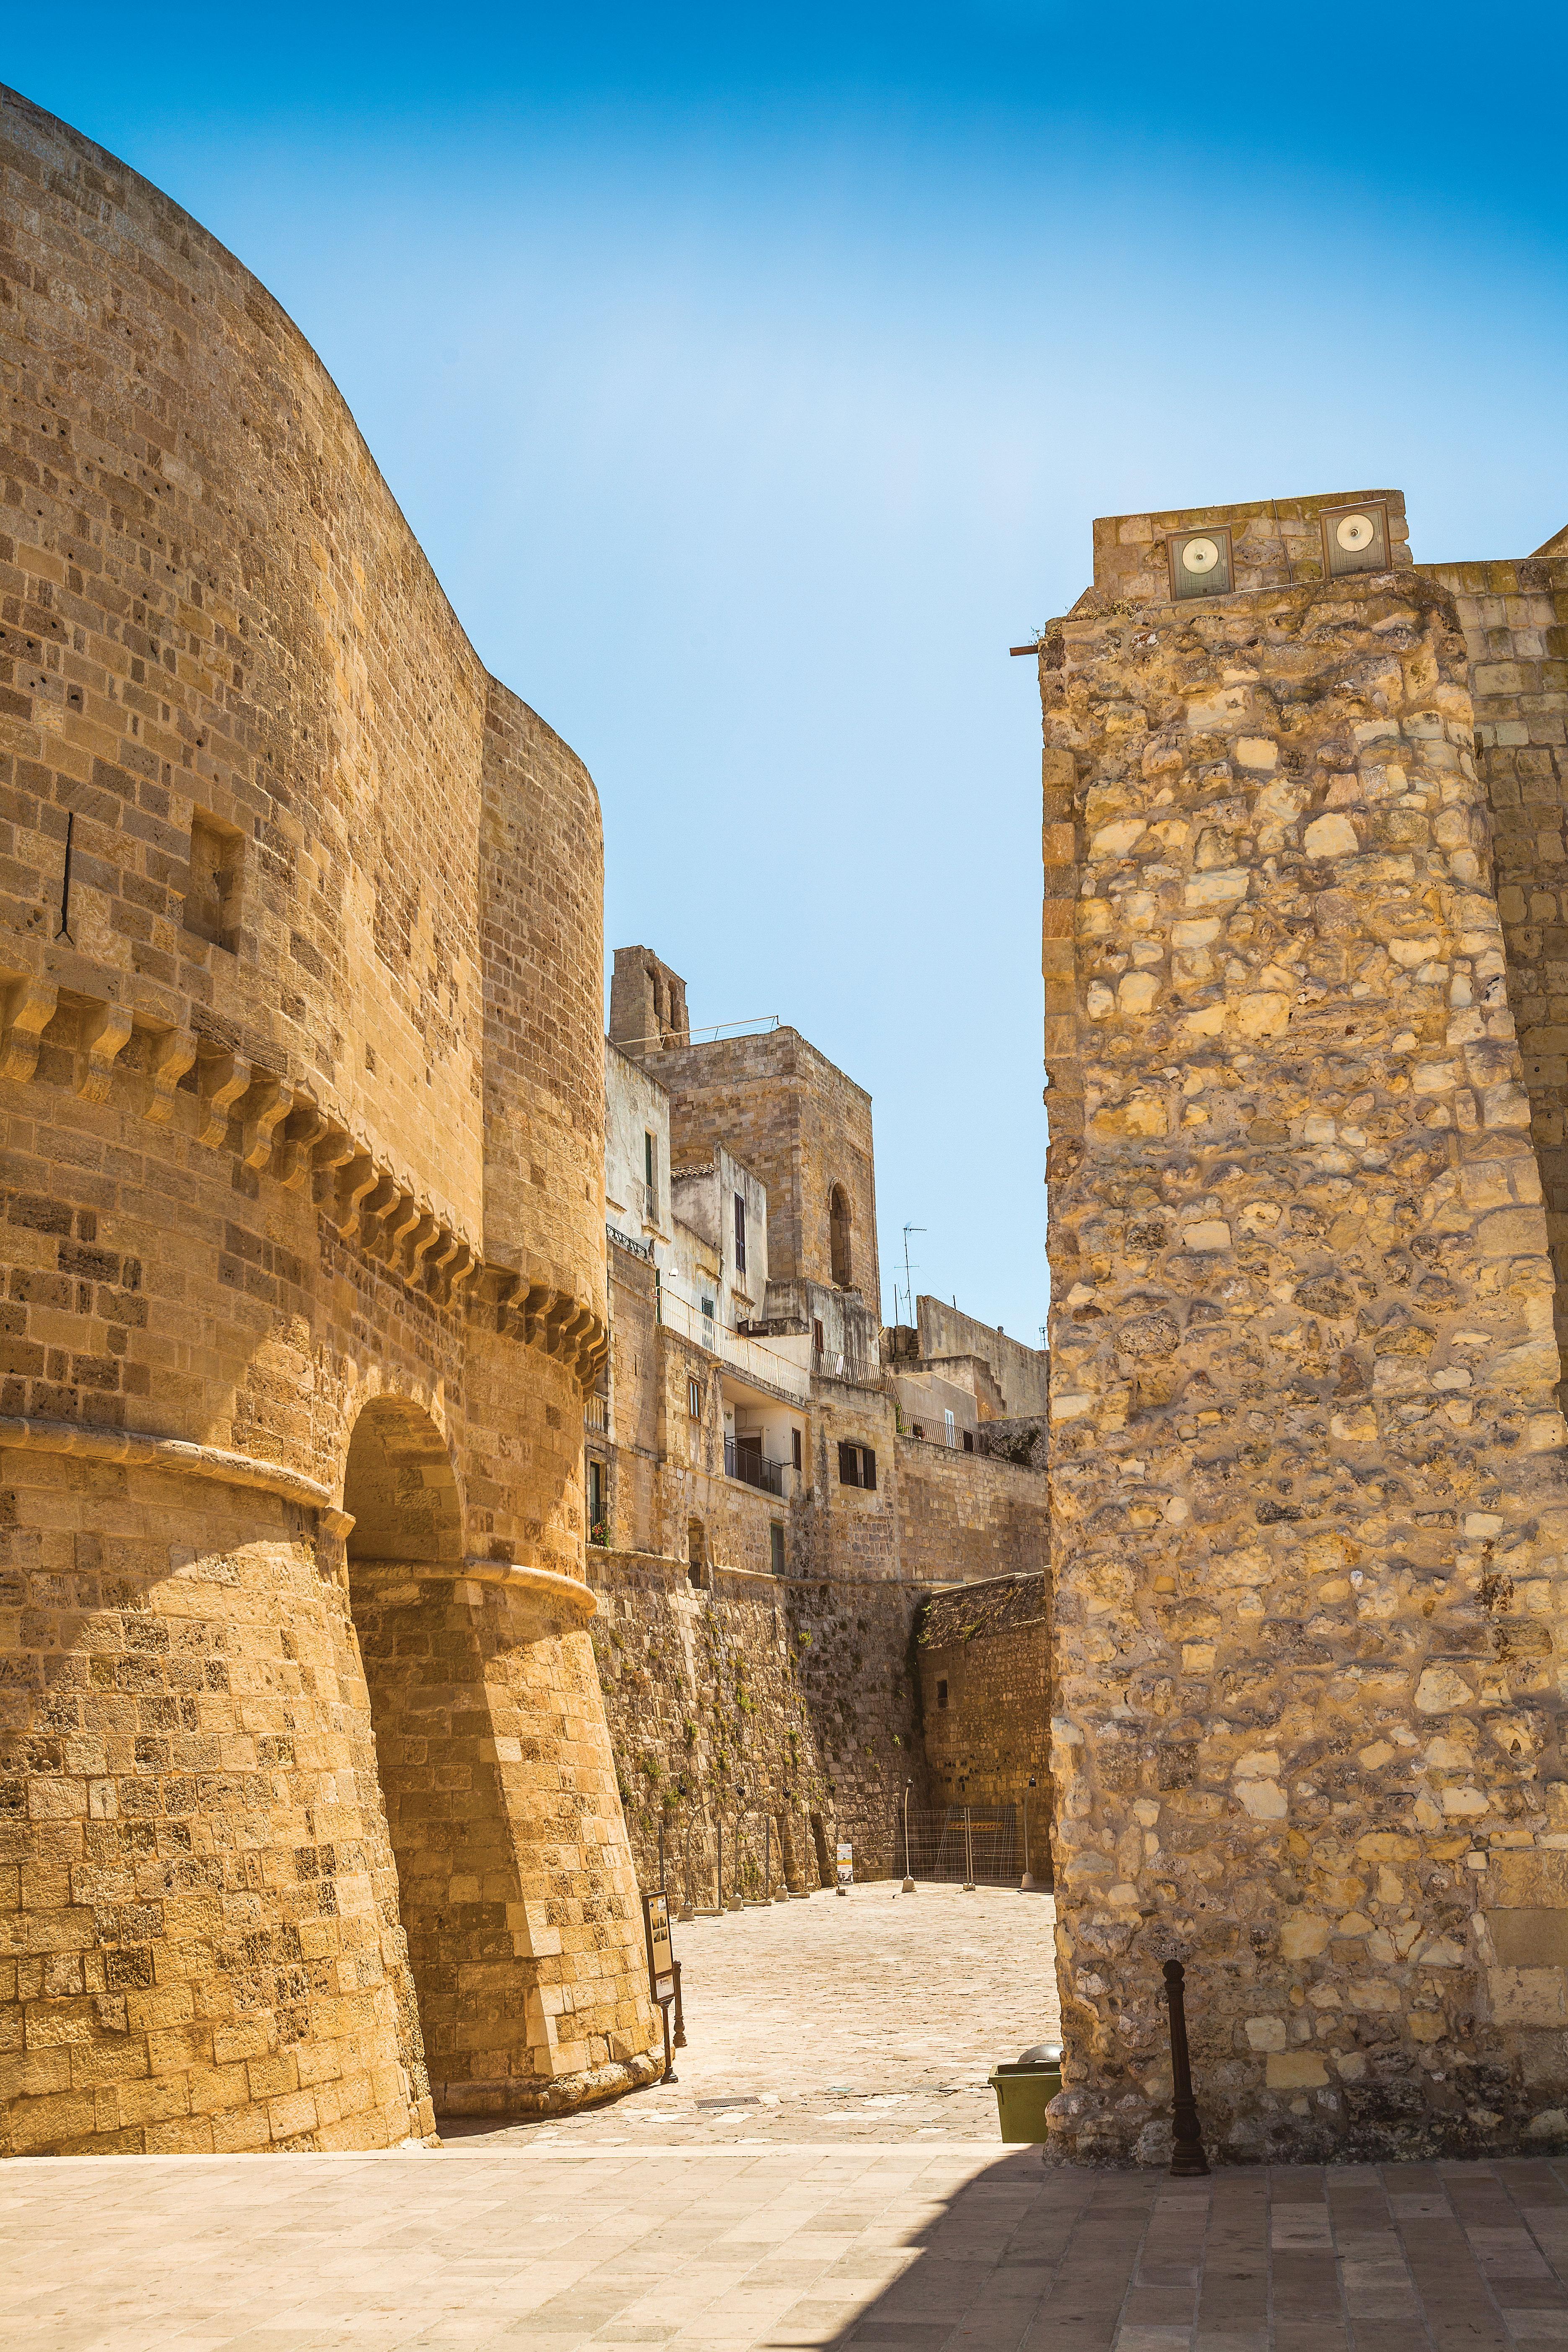 Um beco com altas paredes de tijolos, as quais formam uma seção da muralha de Gallipoli